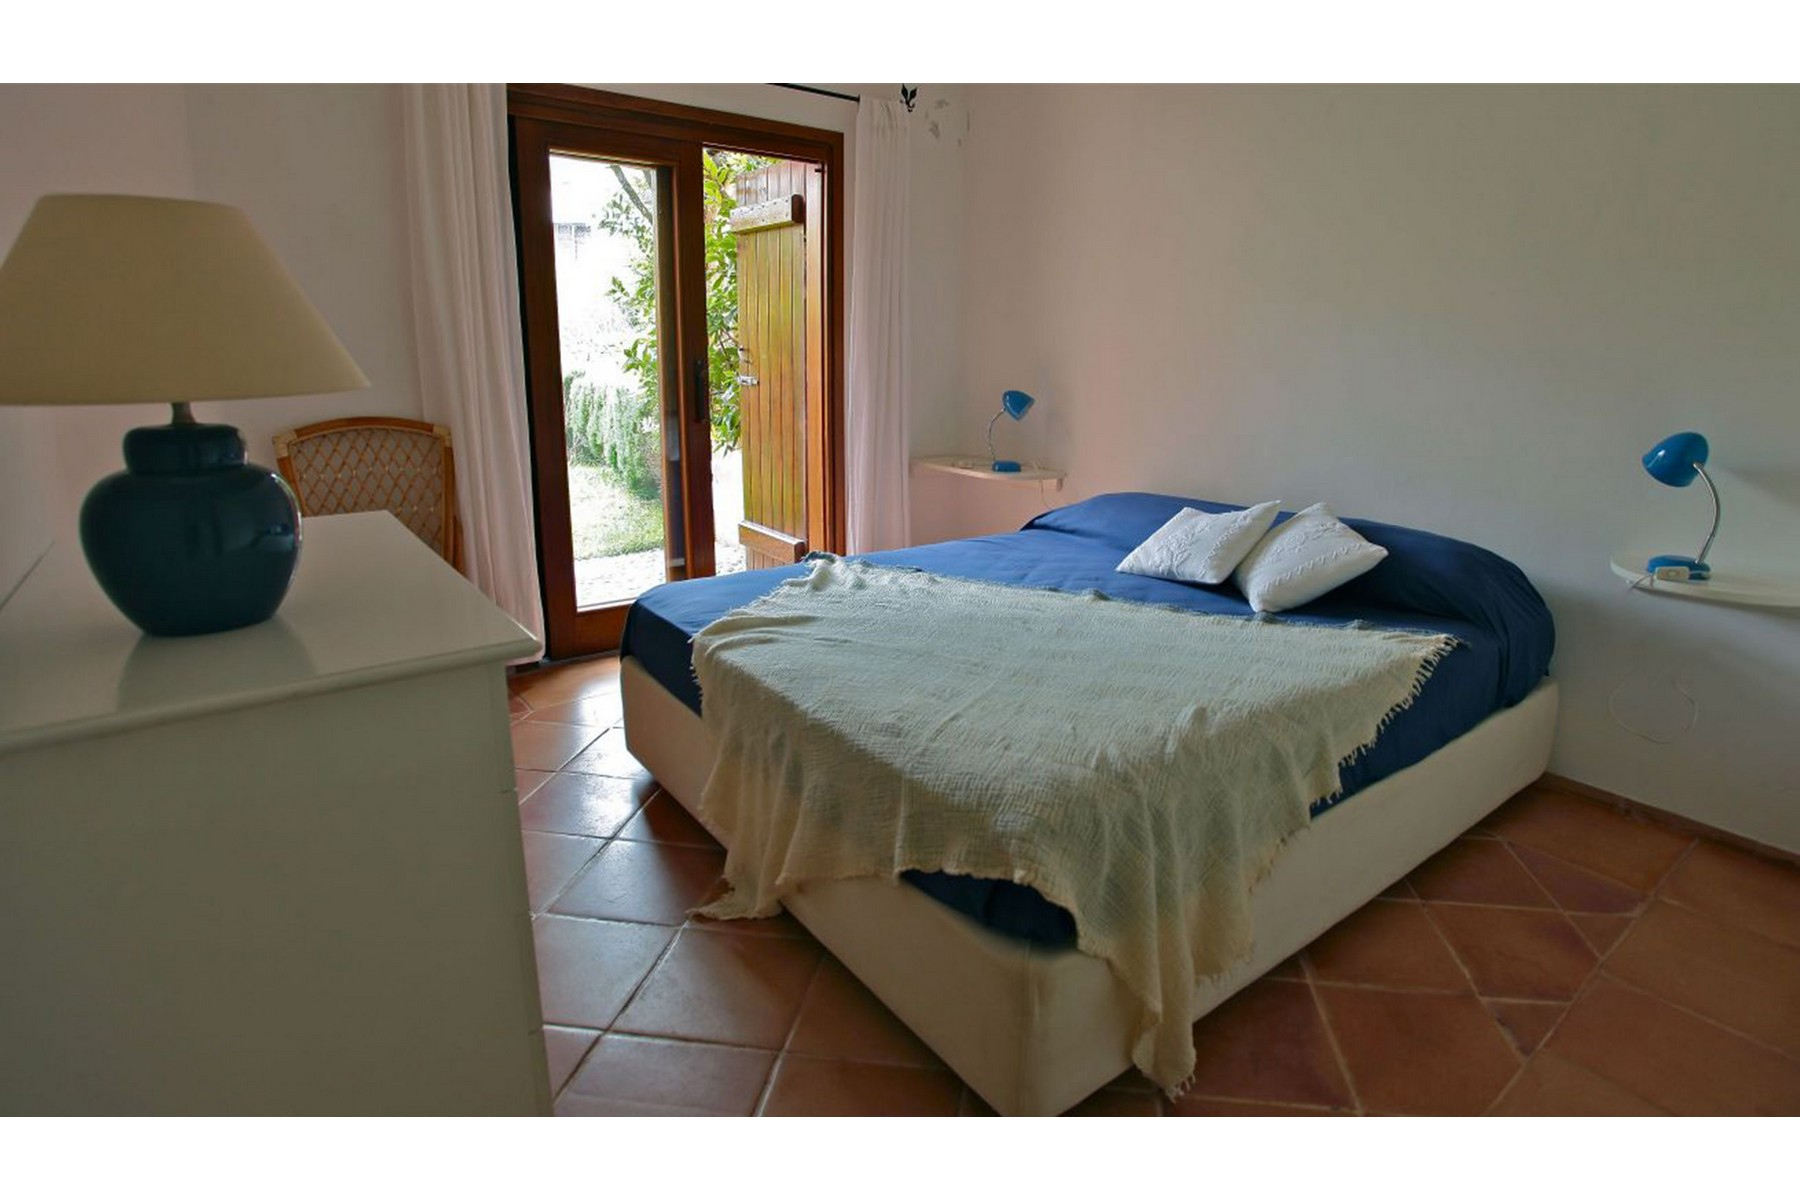 Casa indipendente in Vendita a Arzachena: 5 locali, 117 mq - Foto 14